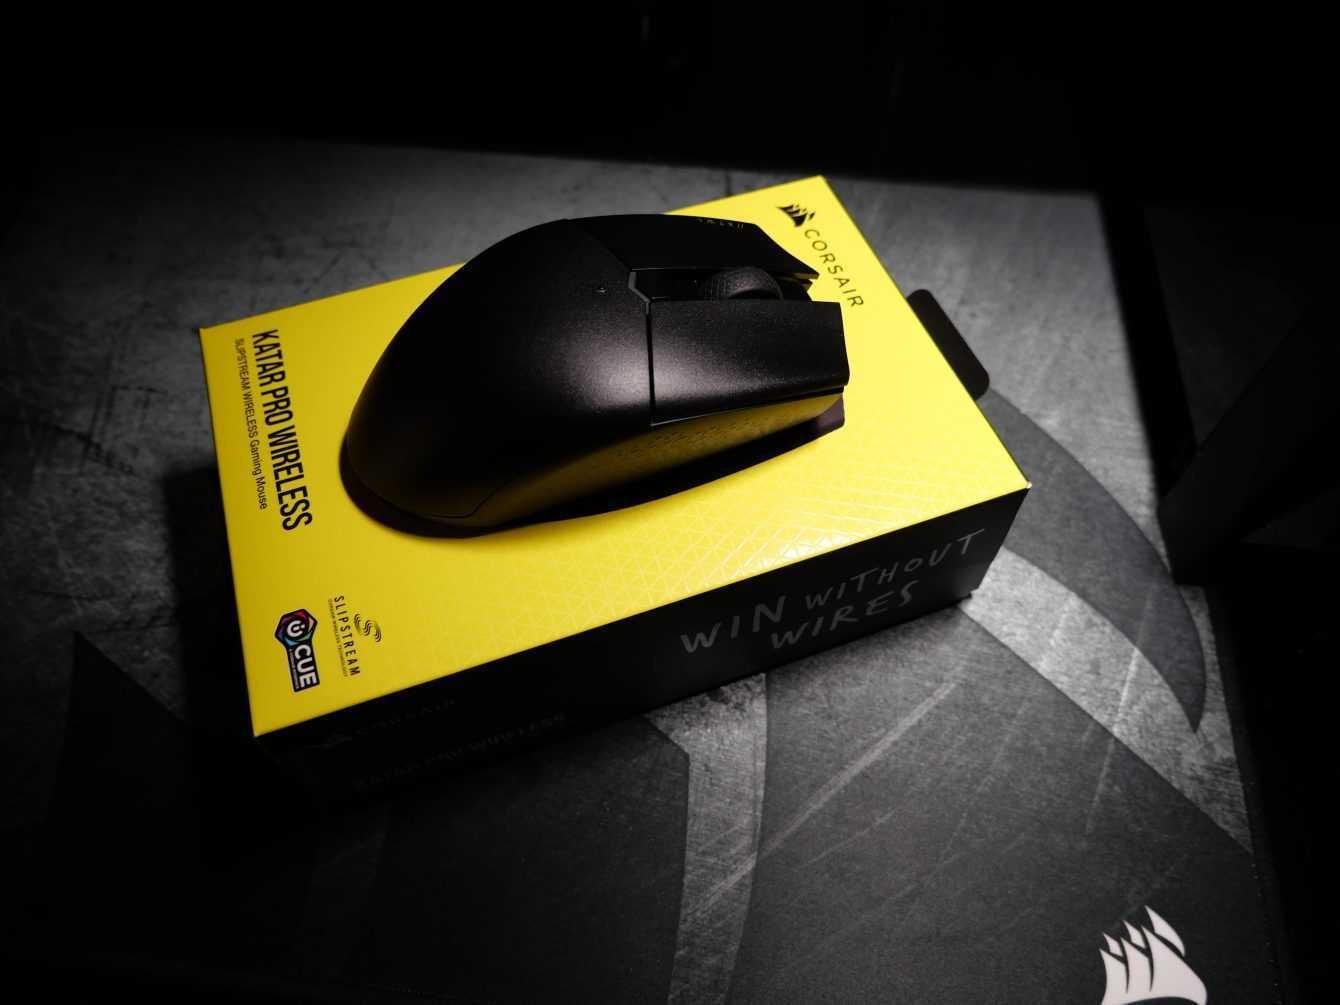 Recensione Corsair KATAR PRO WIRELESS: un mouse tutto da scoprire